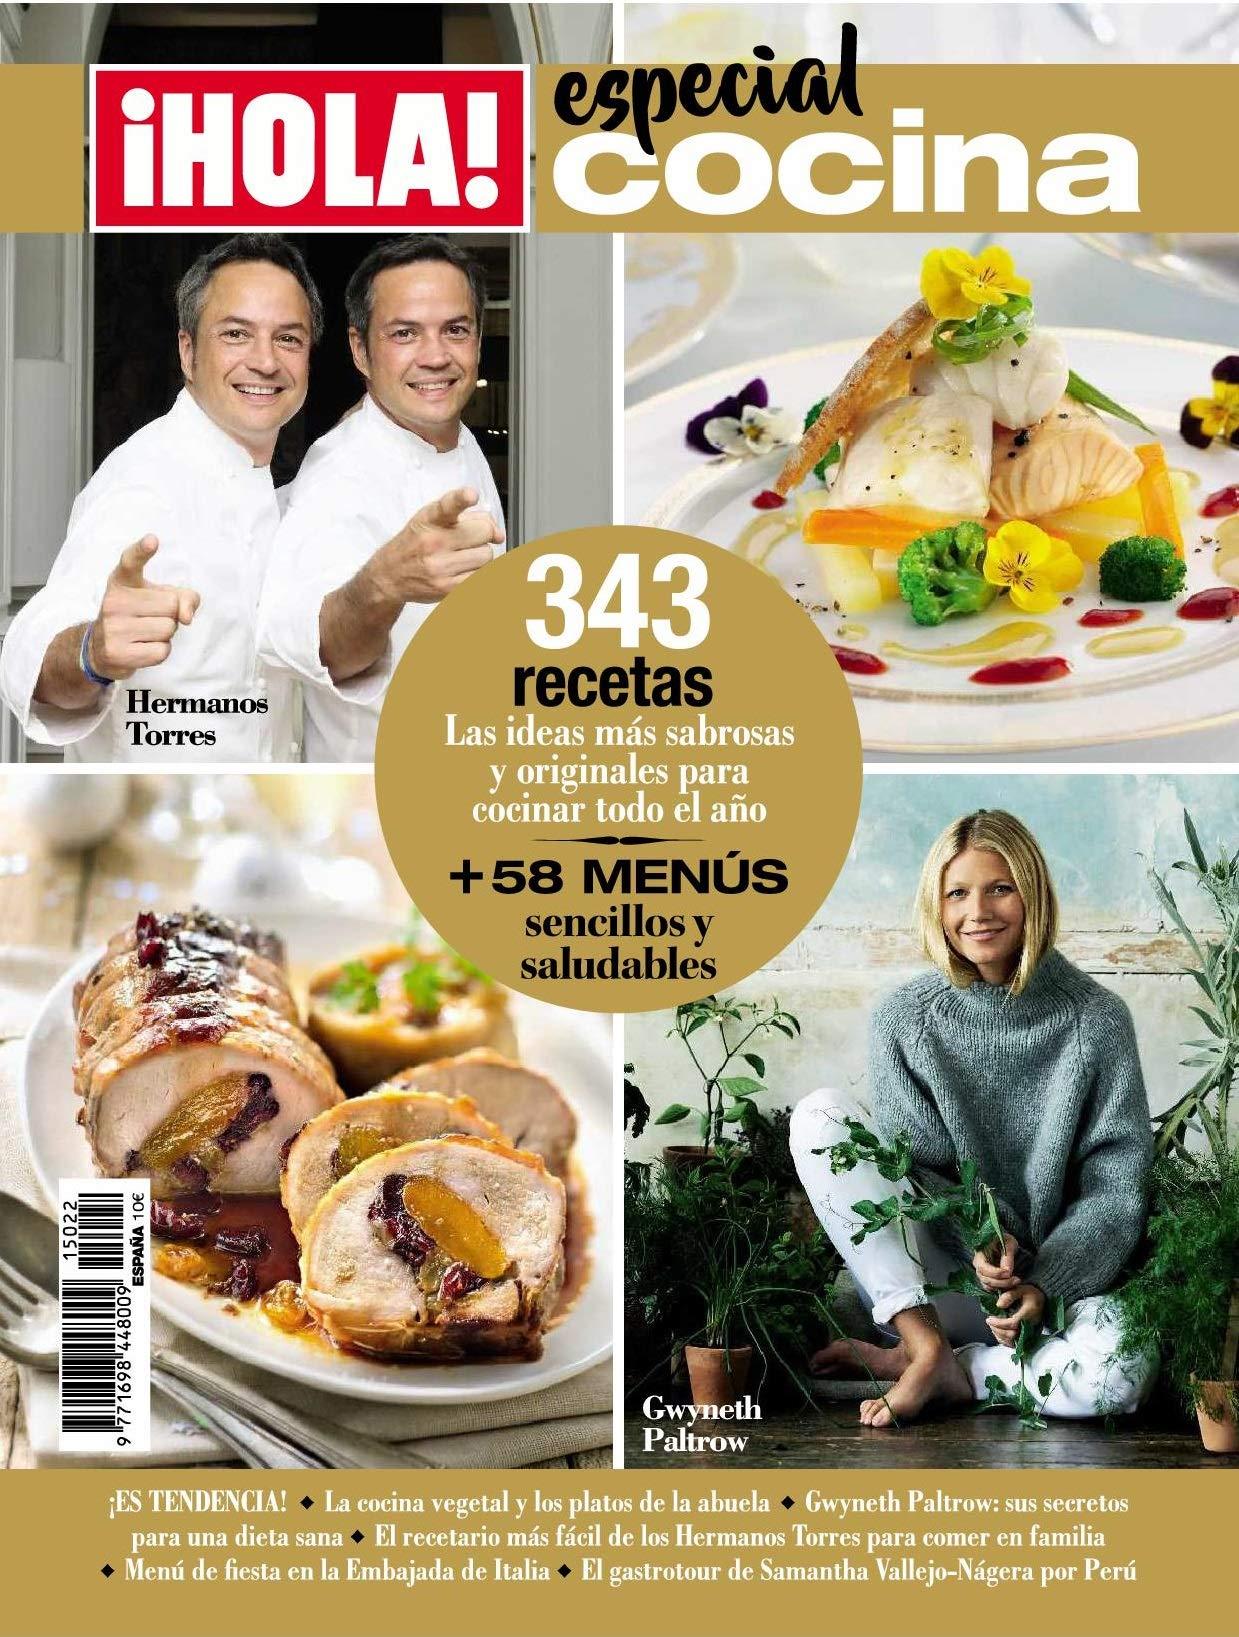 Revista Hola - Cocina. 343 Recetas. Las Ideas Más Sabrosas Y Originales Para Cocinar Todo El Año + 58 Menús Sencillos Y Saludables: Amazon.es: Grupo Hola, Grupo Hola: Libros